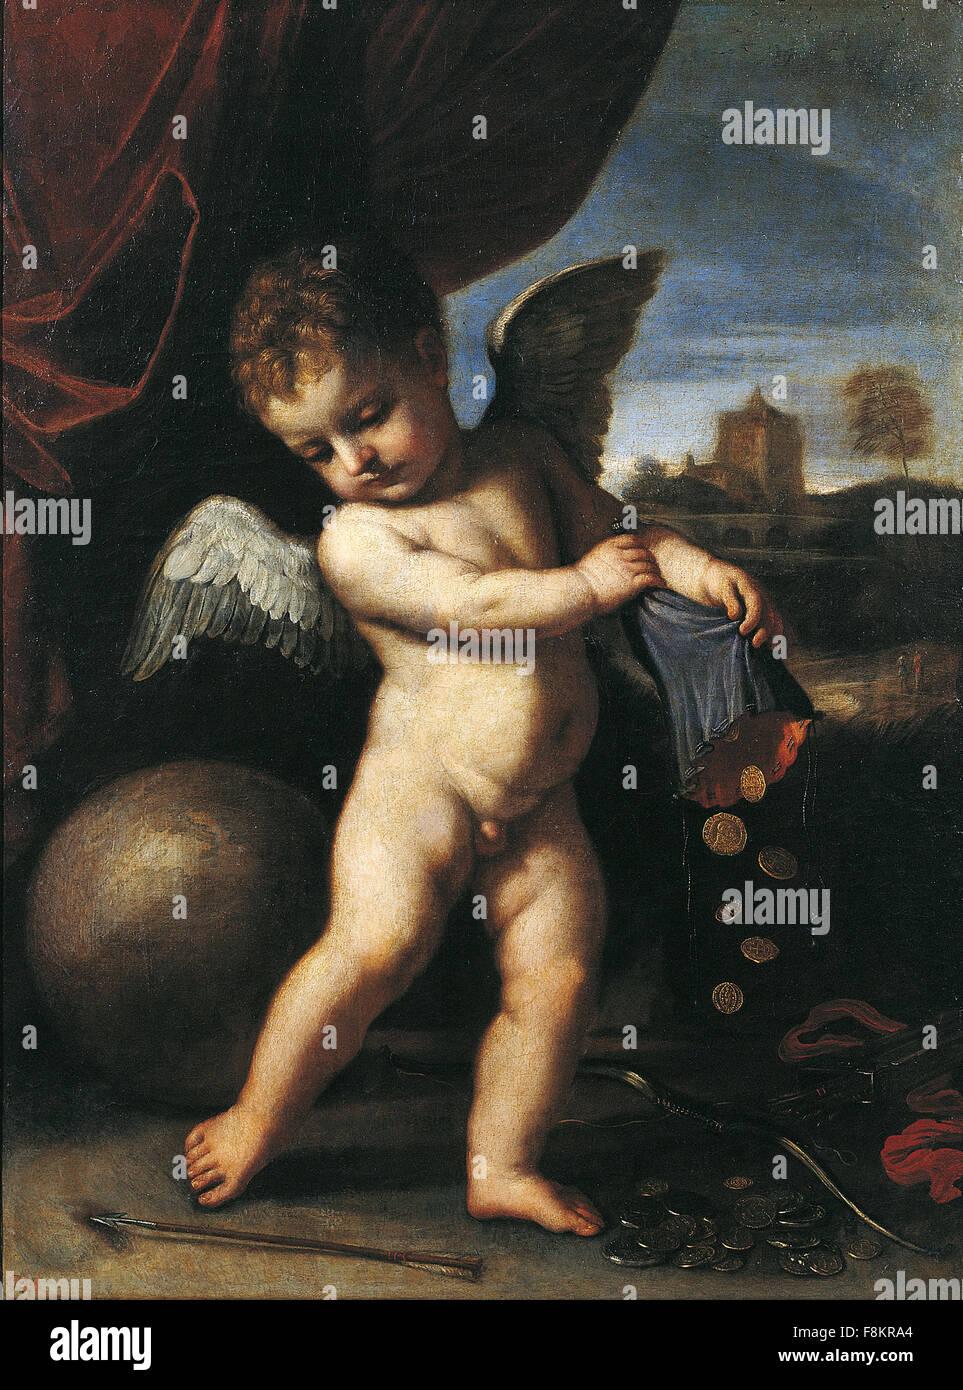 Giovanni Francesco Barbieri - Guercino - El Amor Desinteresado - Stock Image